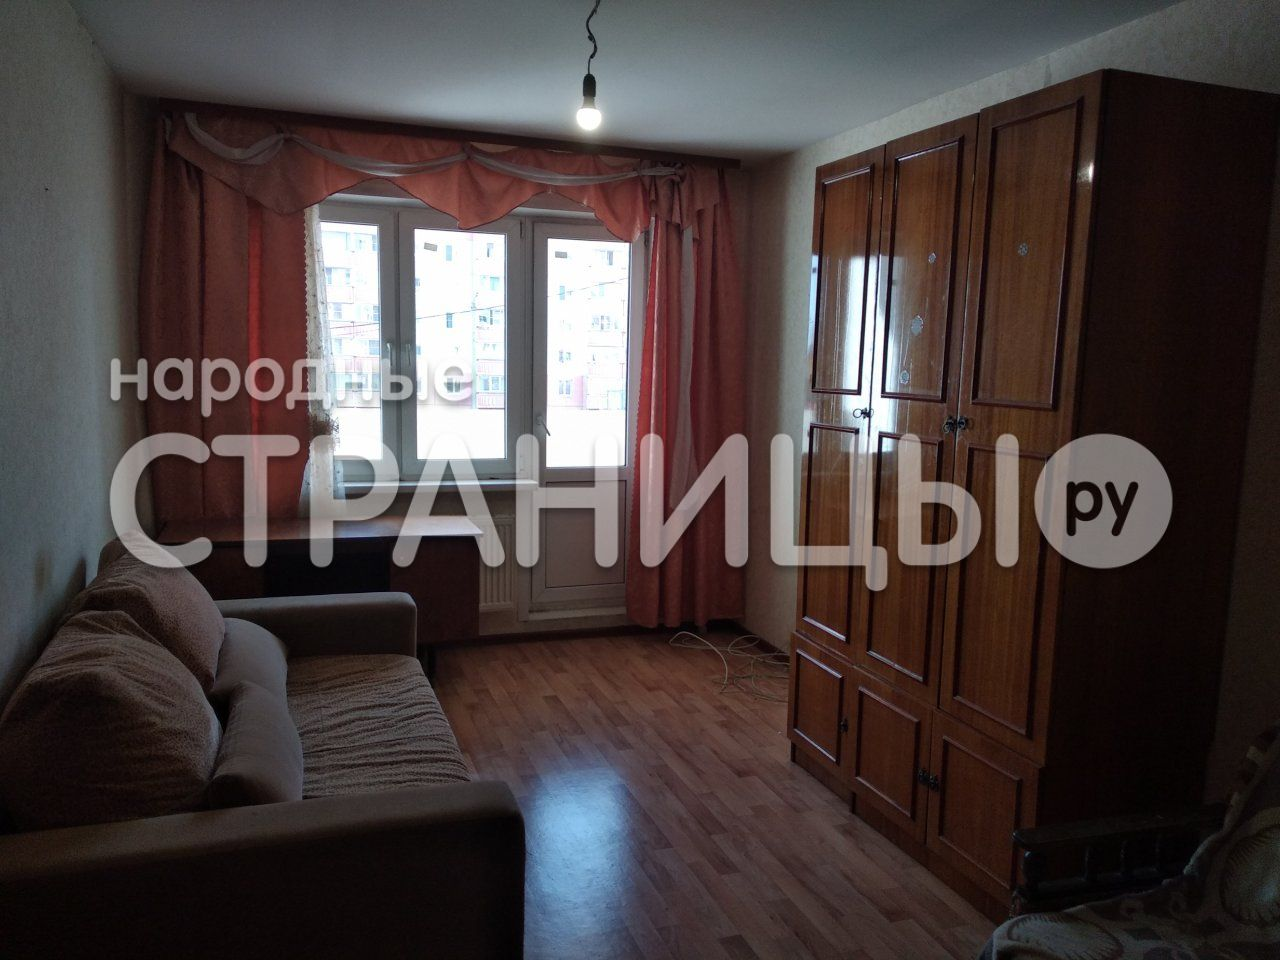 1-комнатная квартира, 40.0 м²,  1/1 эт. Панельный дом, Вторичное жилье